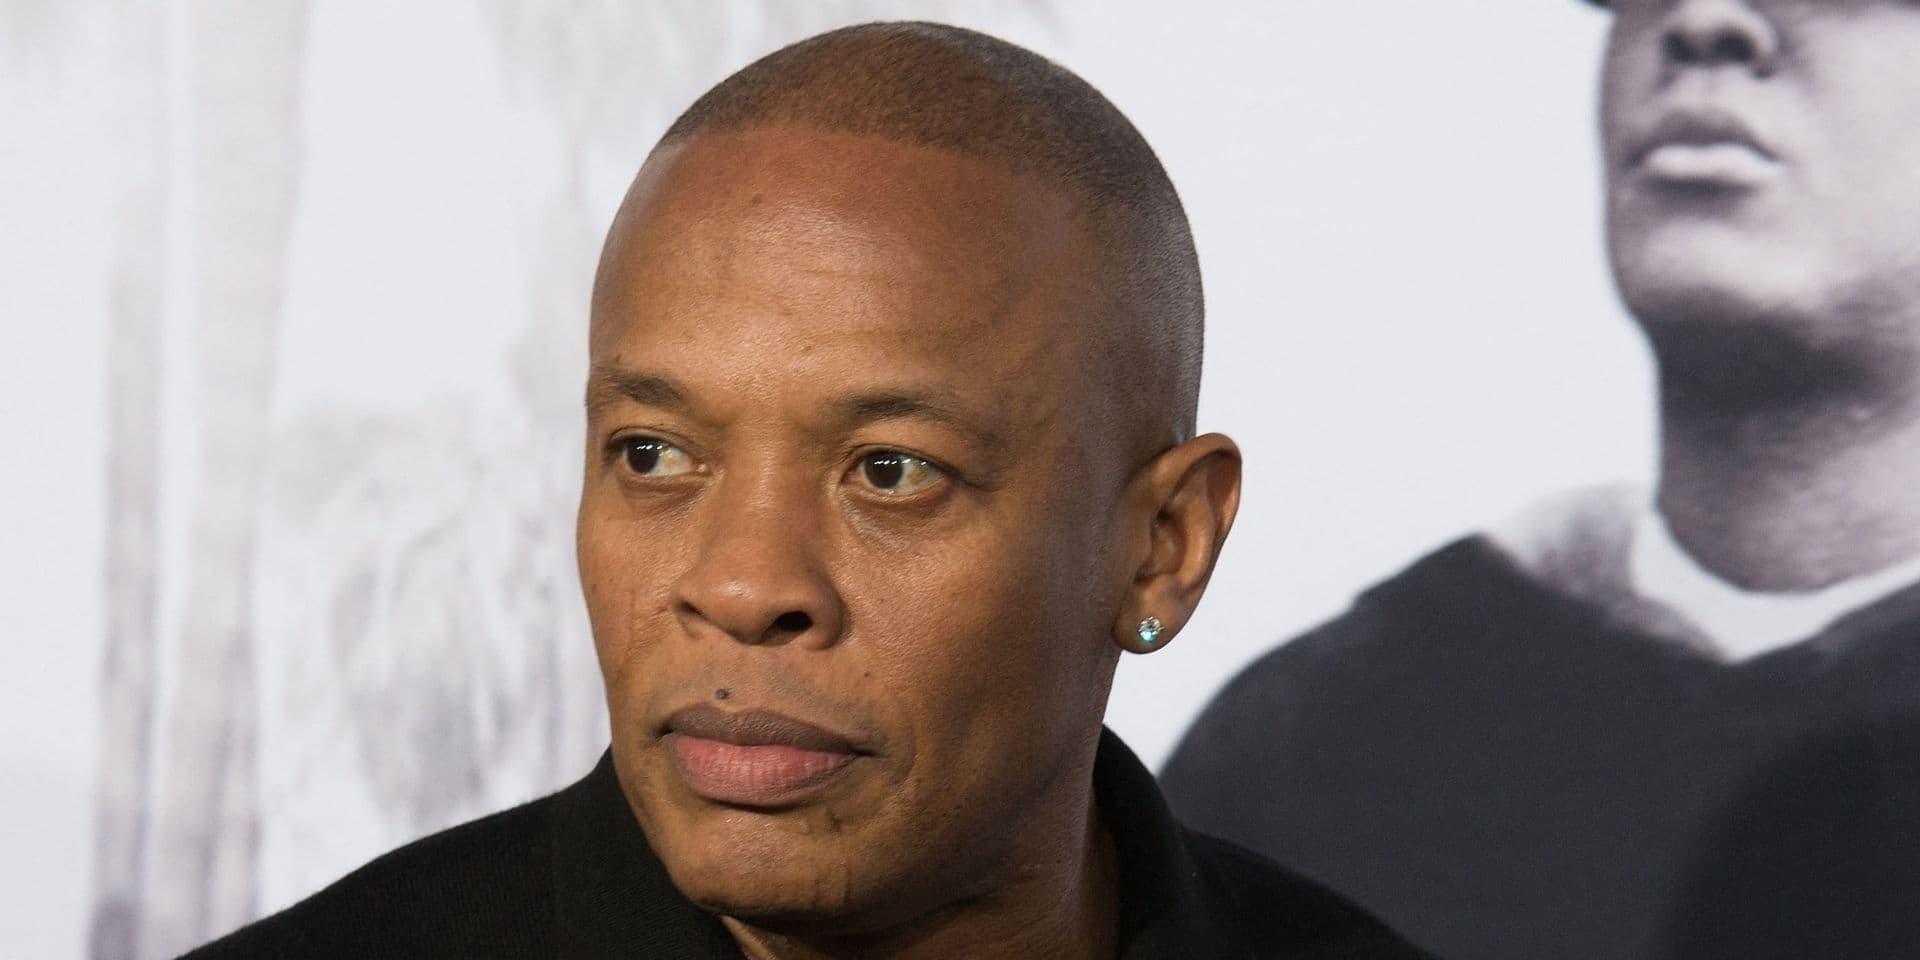 Au cœur d'un divorce explosif, Dr. Dre s'affiche avec une jeune femme en soutien-gorge